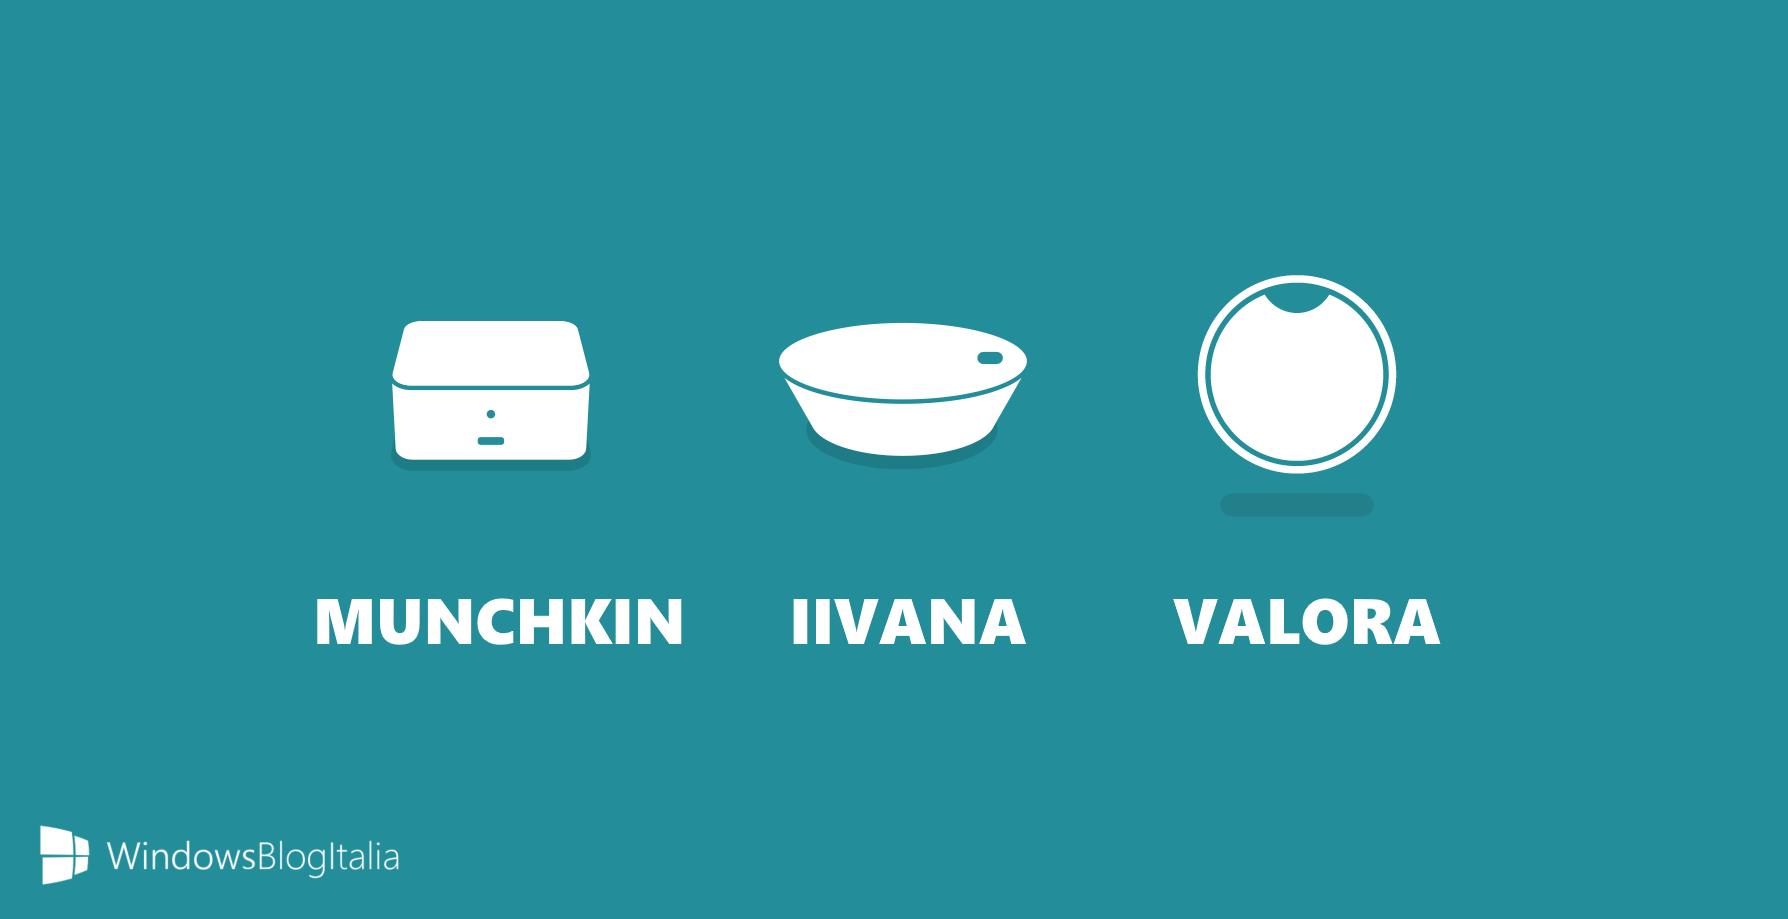 munchkin_iivana_valora